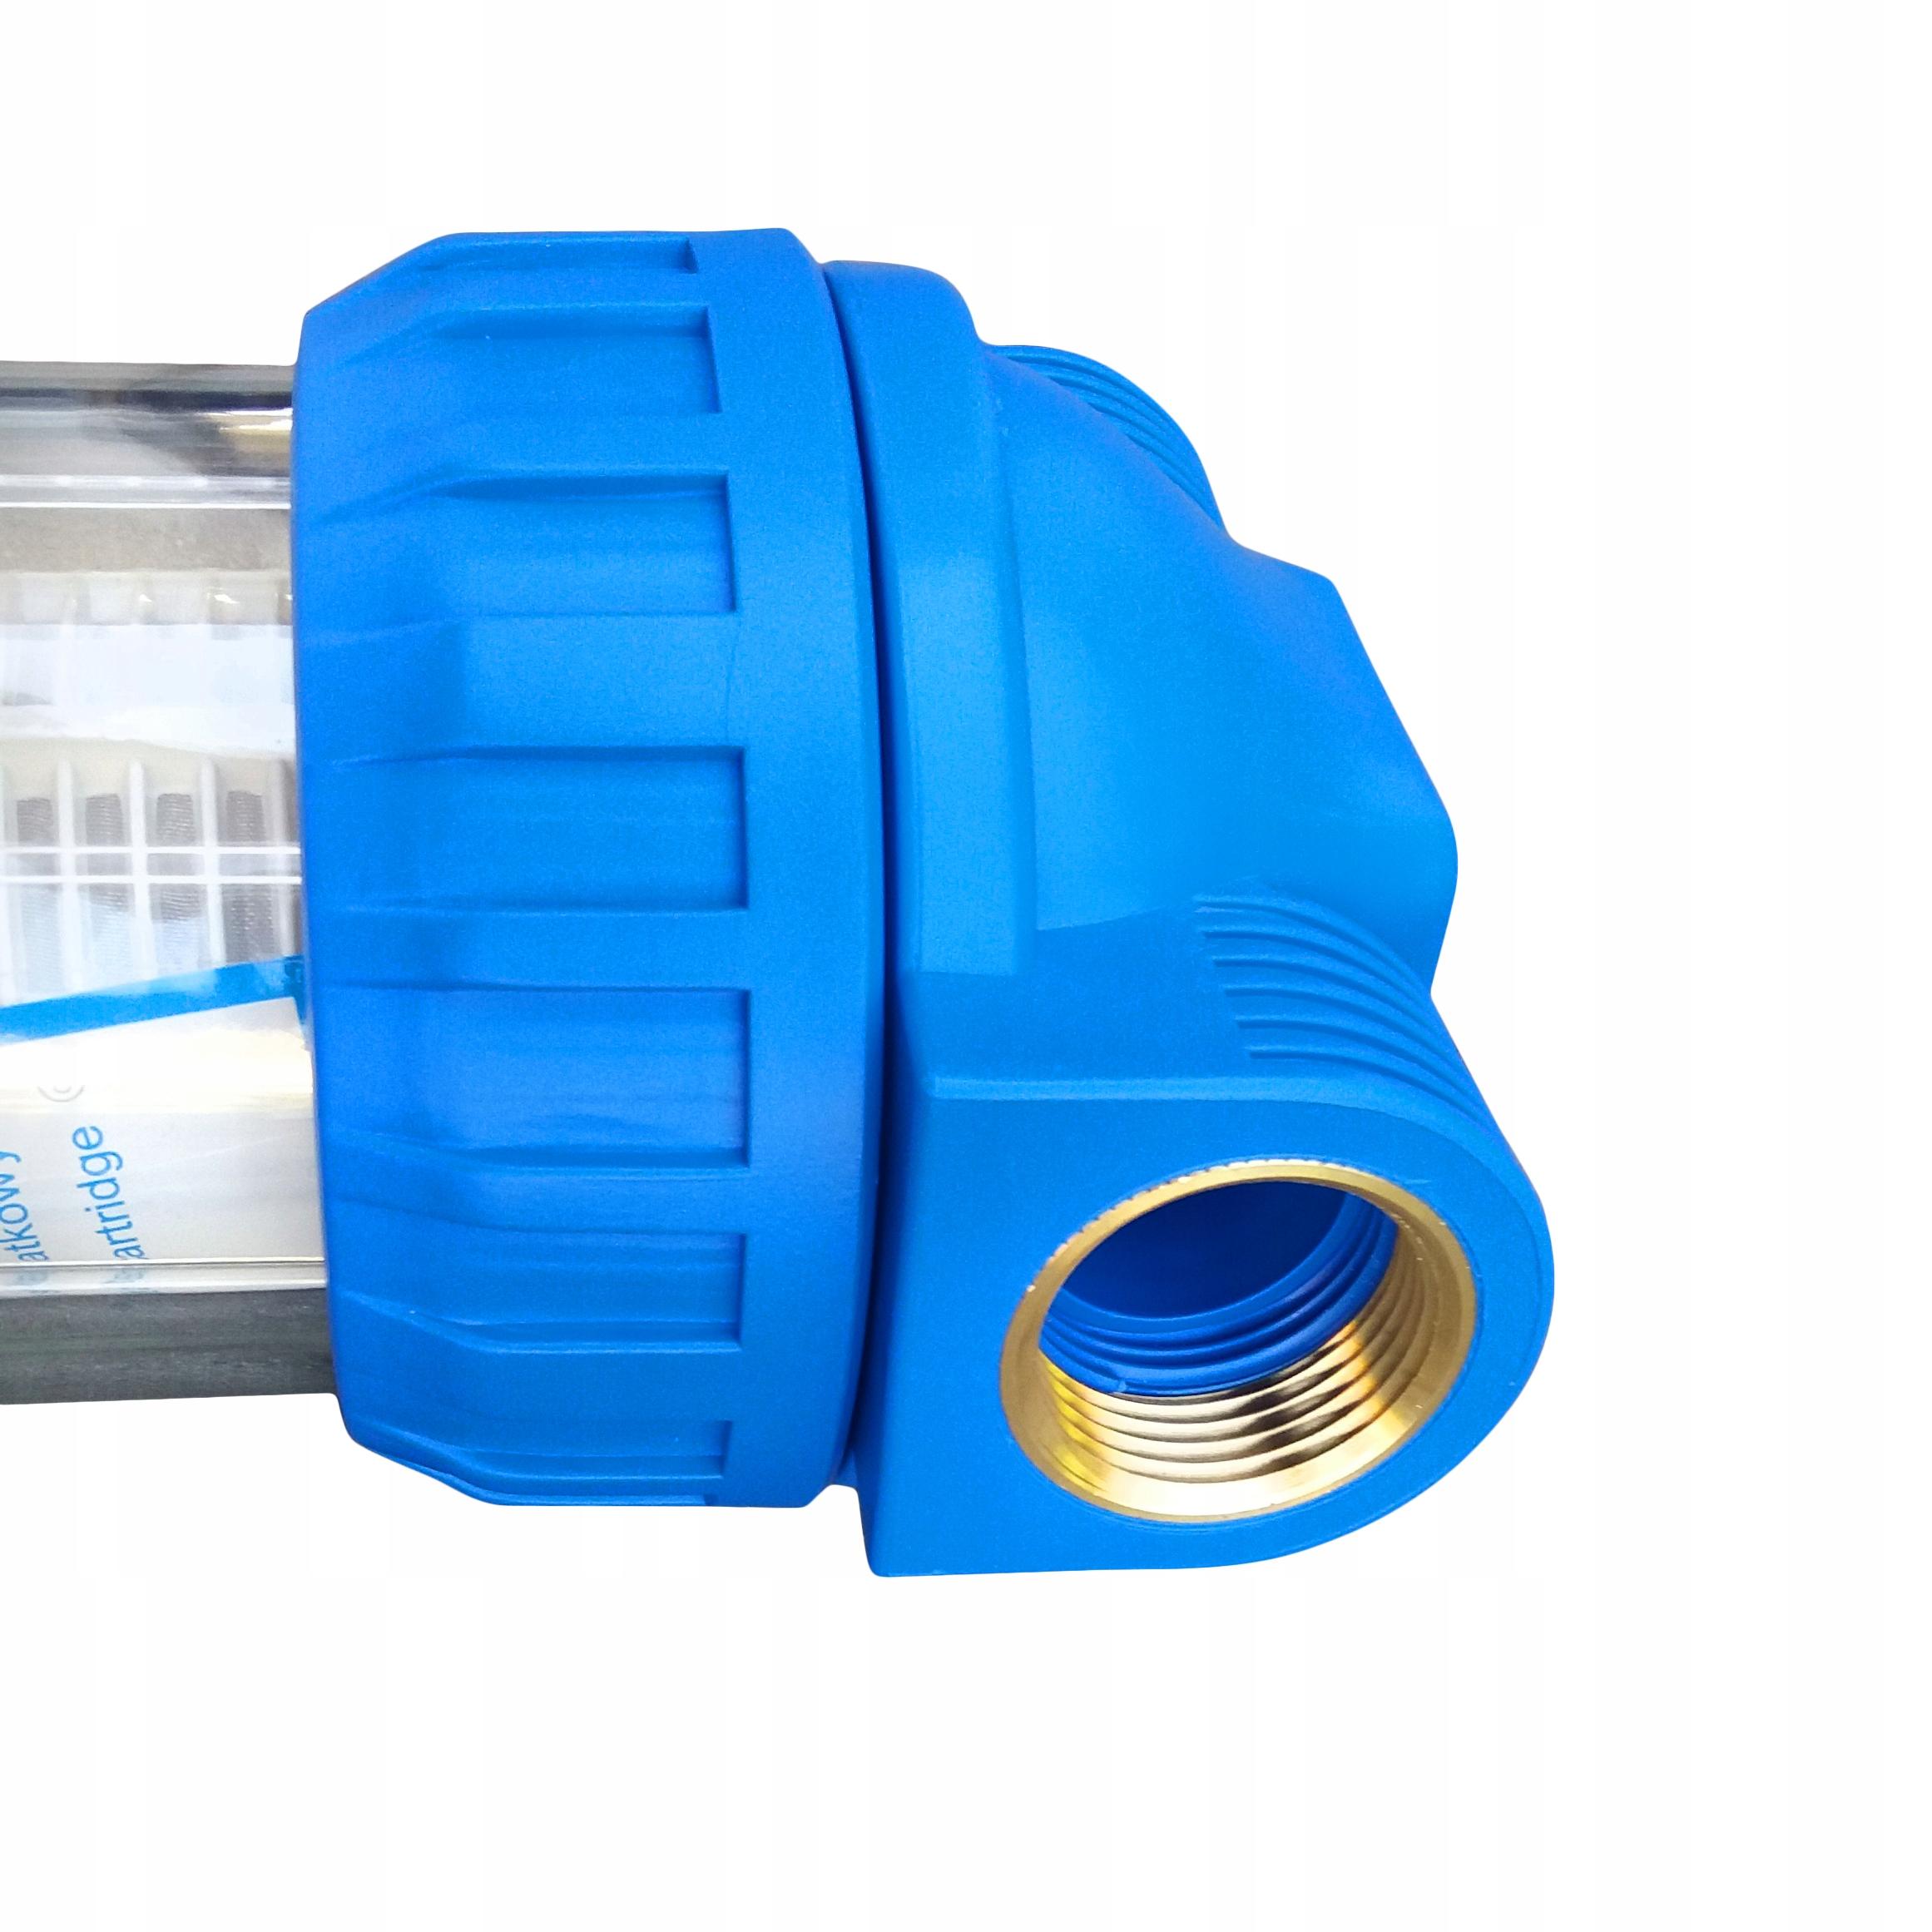 Filtr wody samoczyszczący Aquafilter 50 mik. = Kod produktu FHPR1-3VR